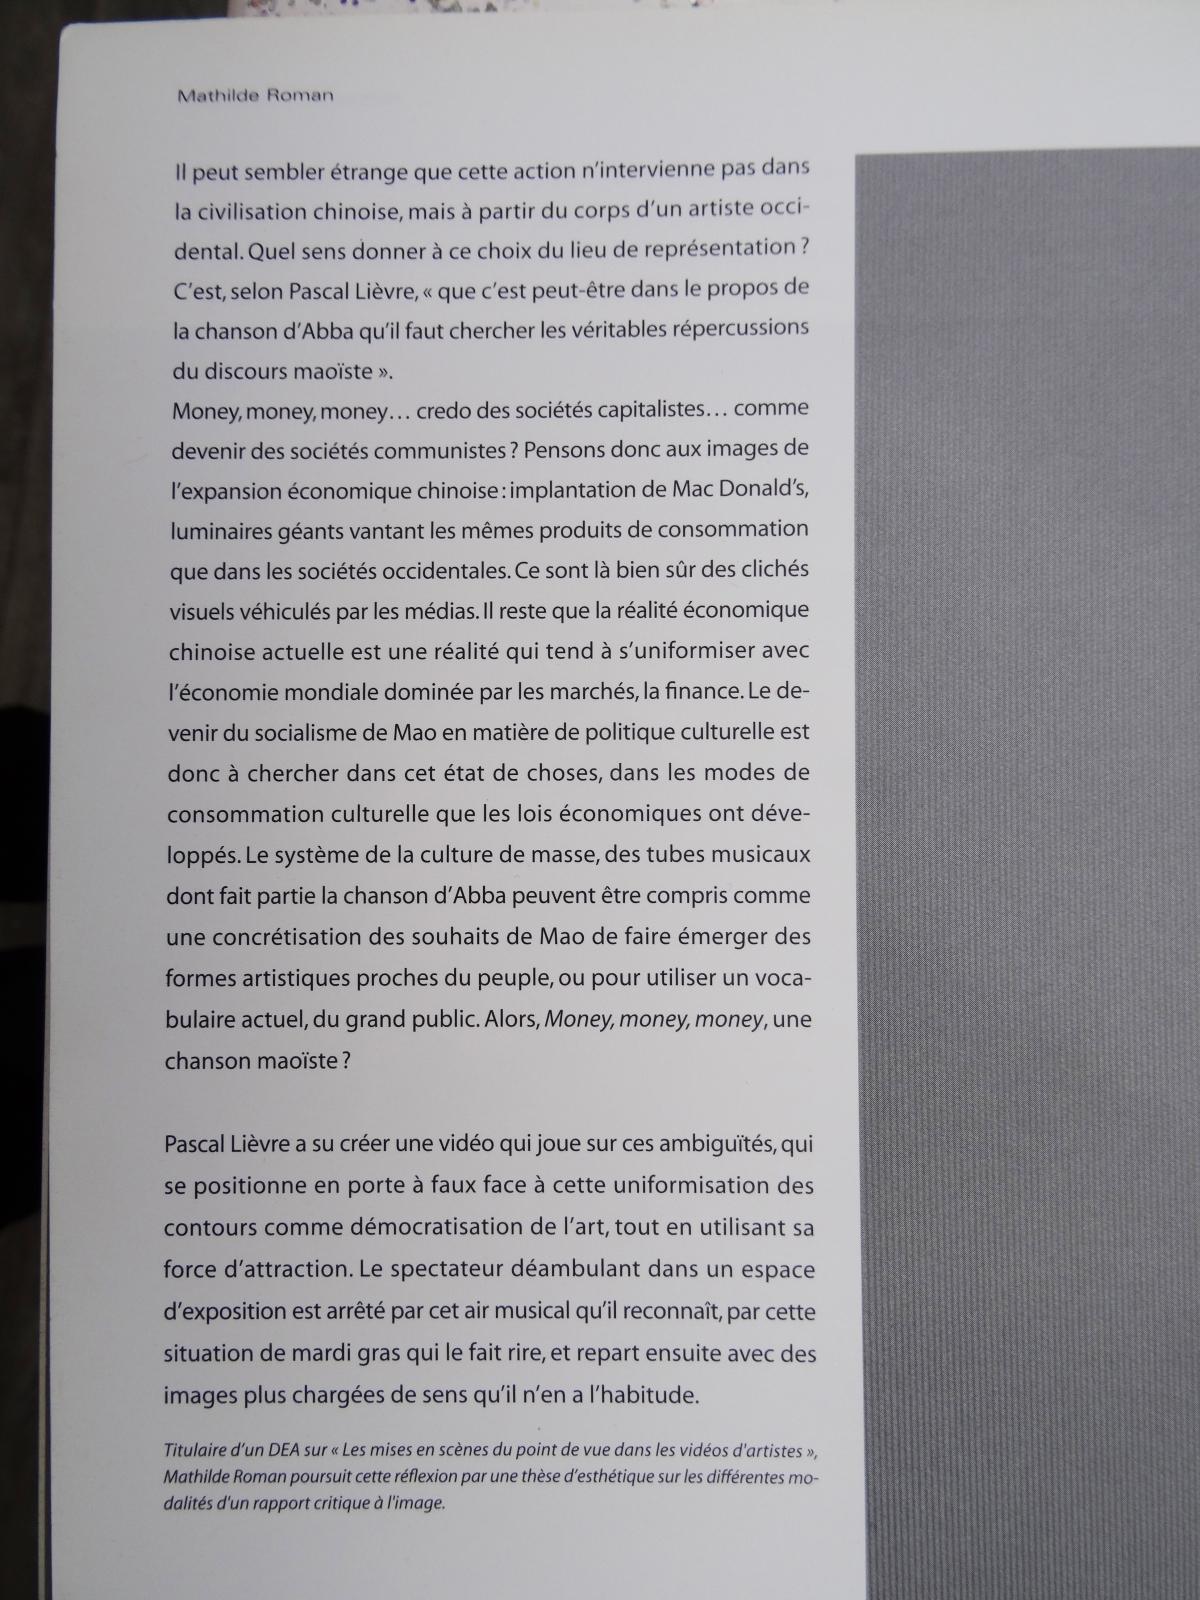 pascal lievre texte mathilde roman art presence